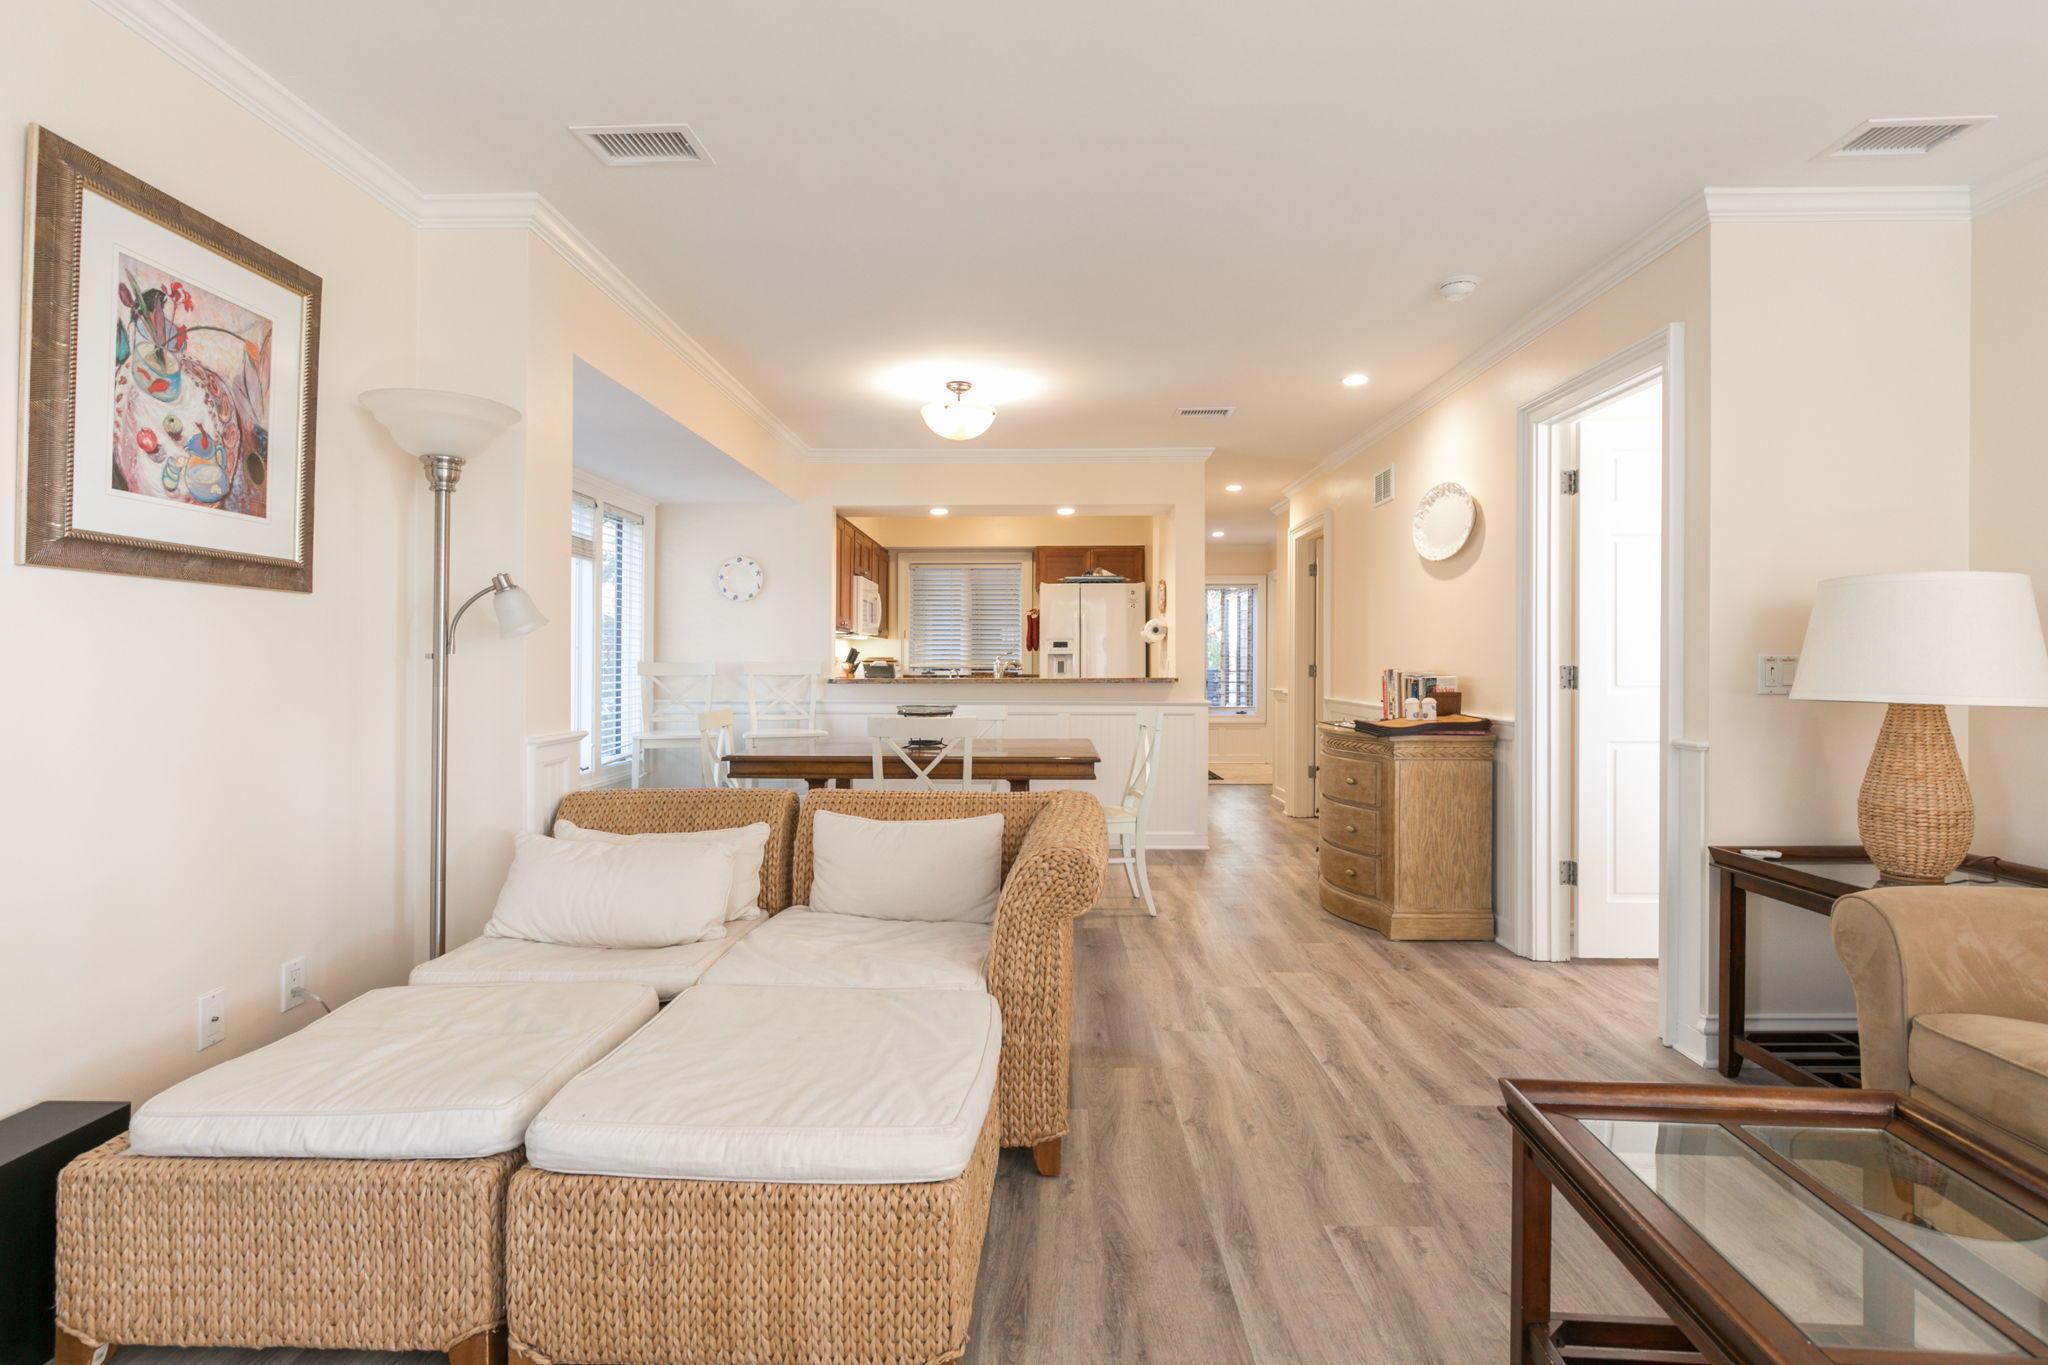 Kiawah Island Homes For Sale - 4416 Sea Forest, Kiawah Island, SC - 29